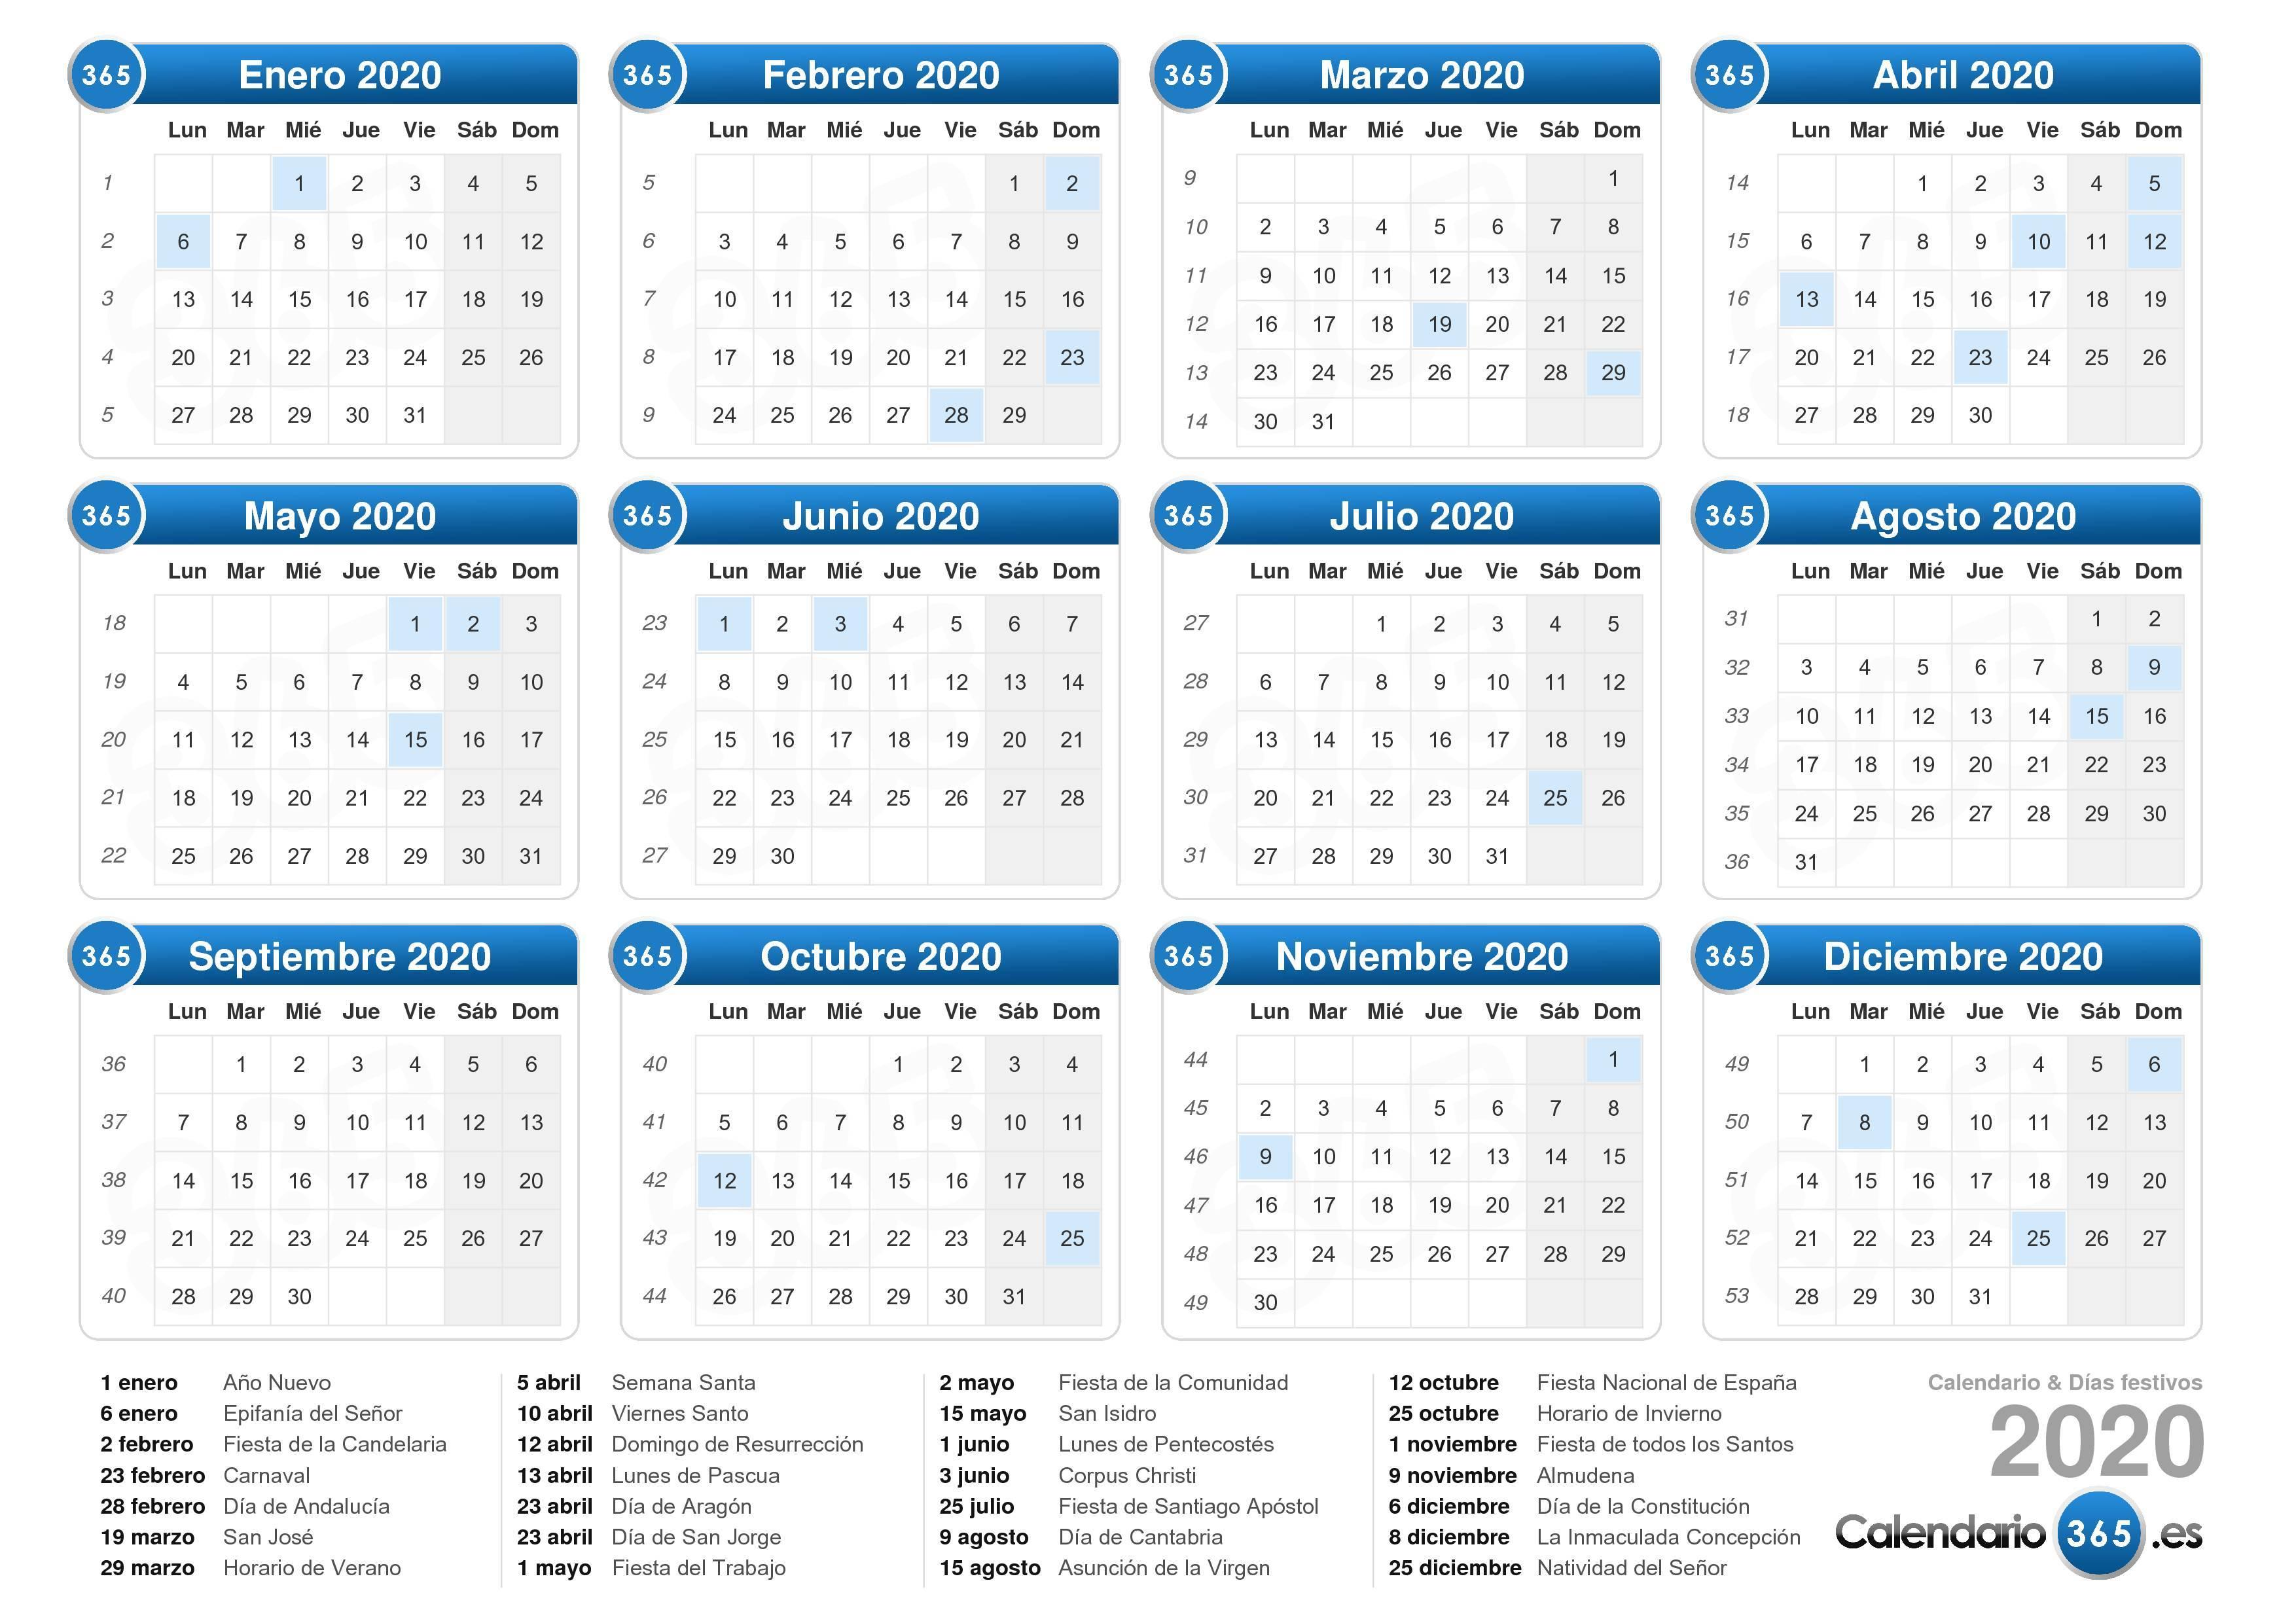 Calendario 2020 inside Calendario 2020 Con Semanas